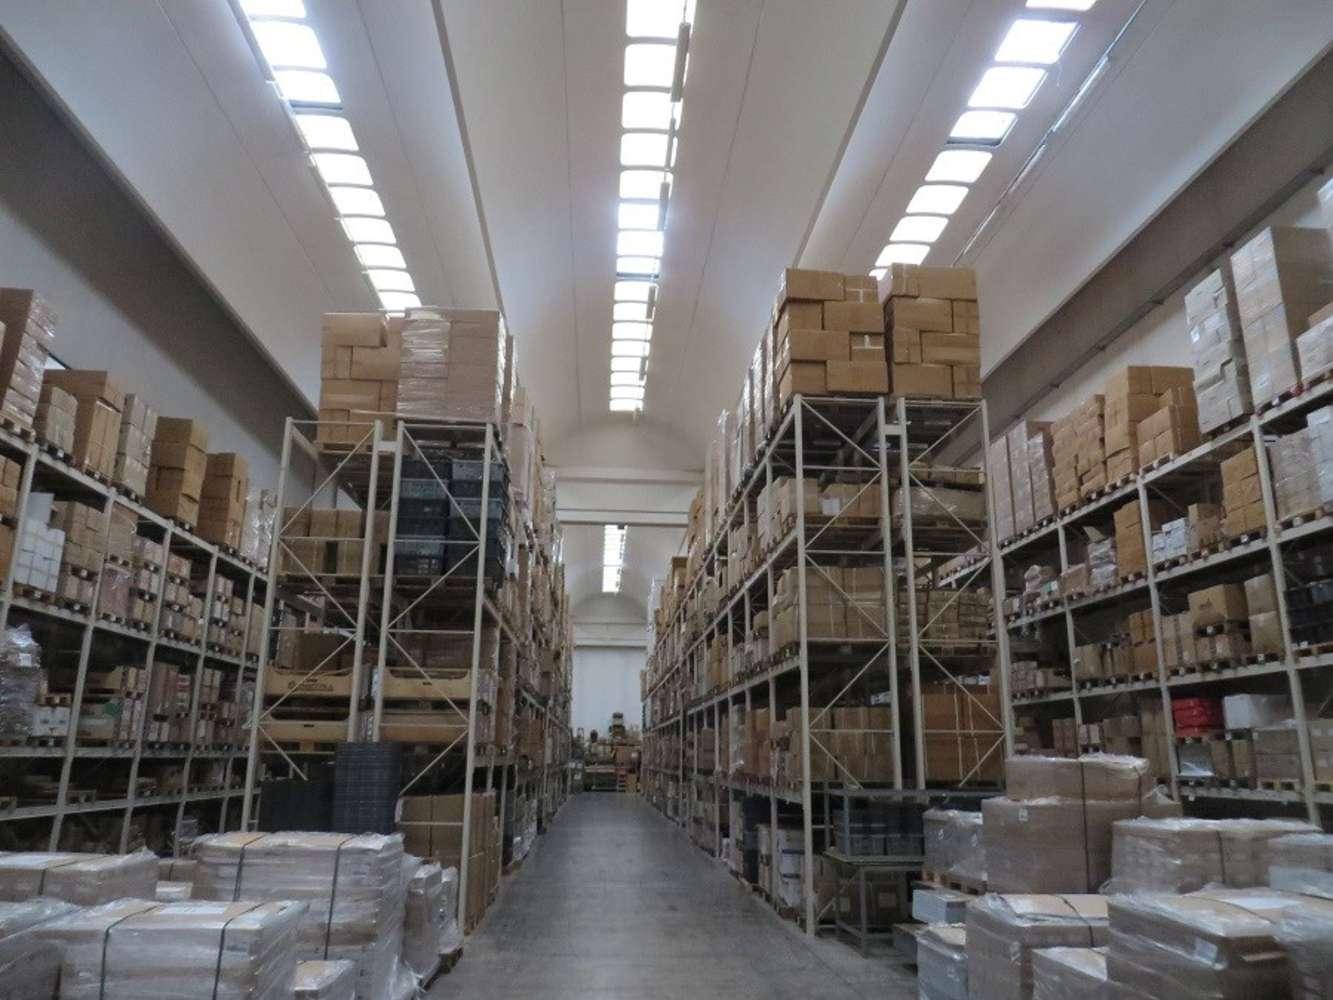 Magazzini industriali e logistici Caronno pertusella, 21042 - Caronno Pertusella